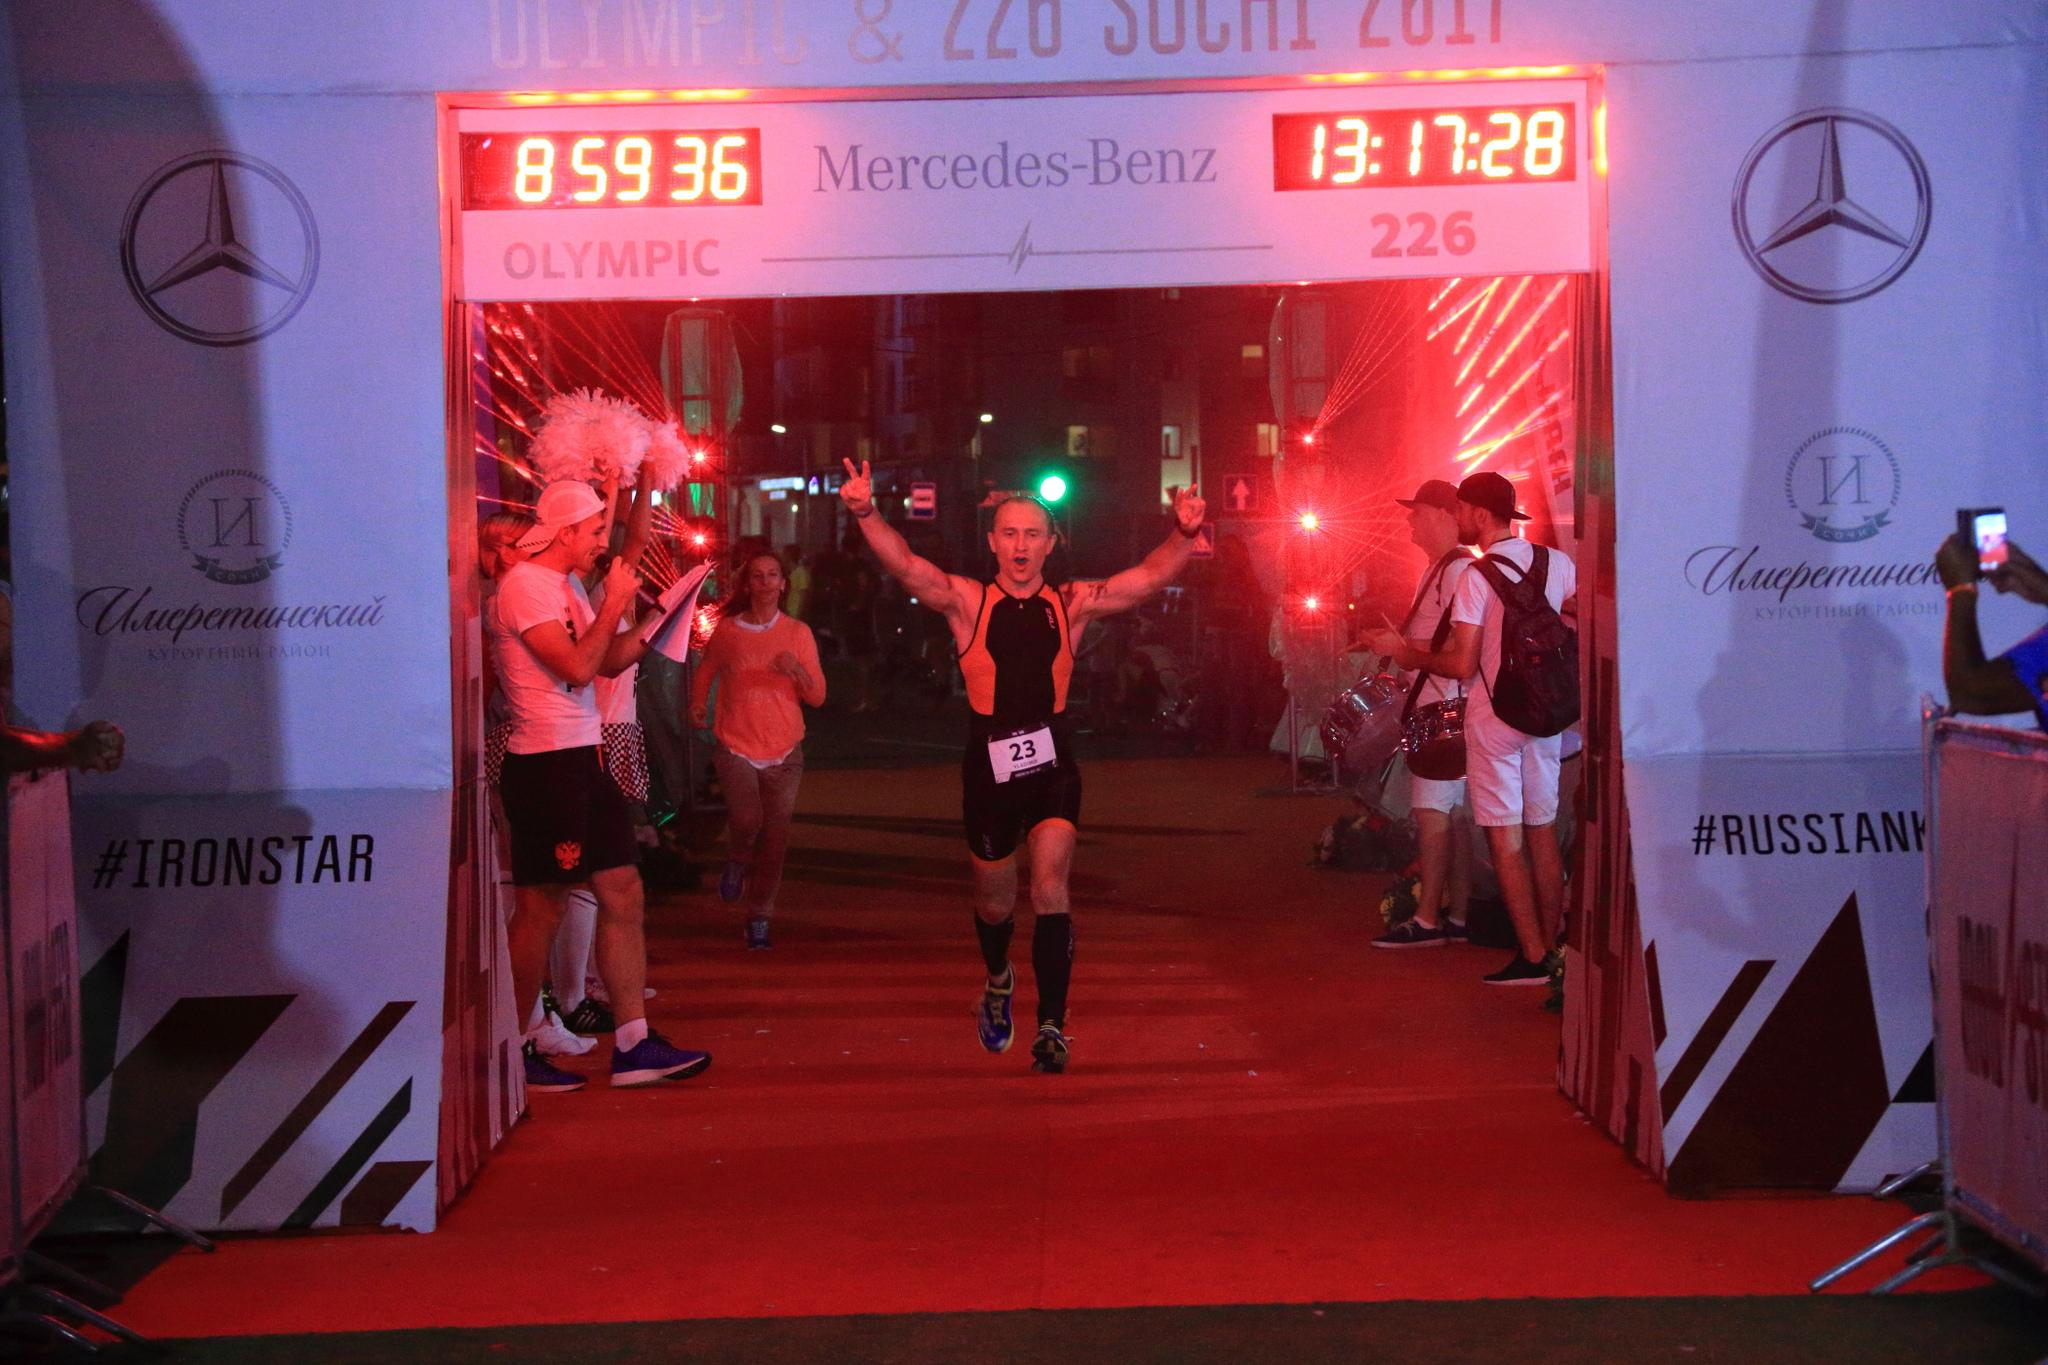 Финиш на дебютном Ironstar 226 Sochi